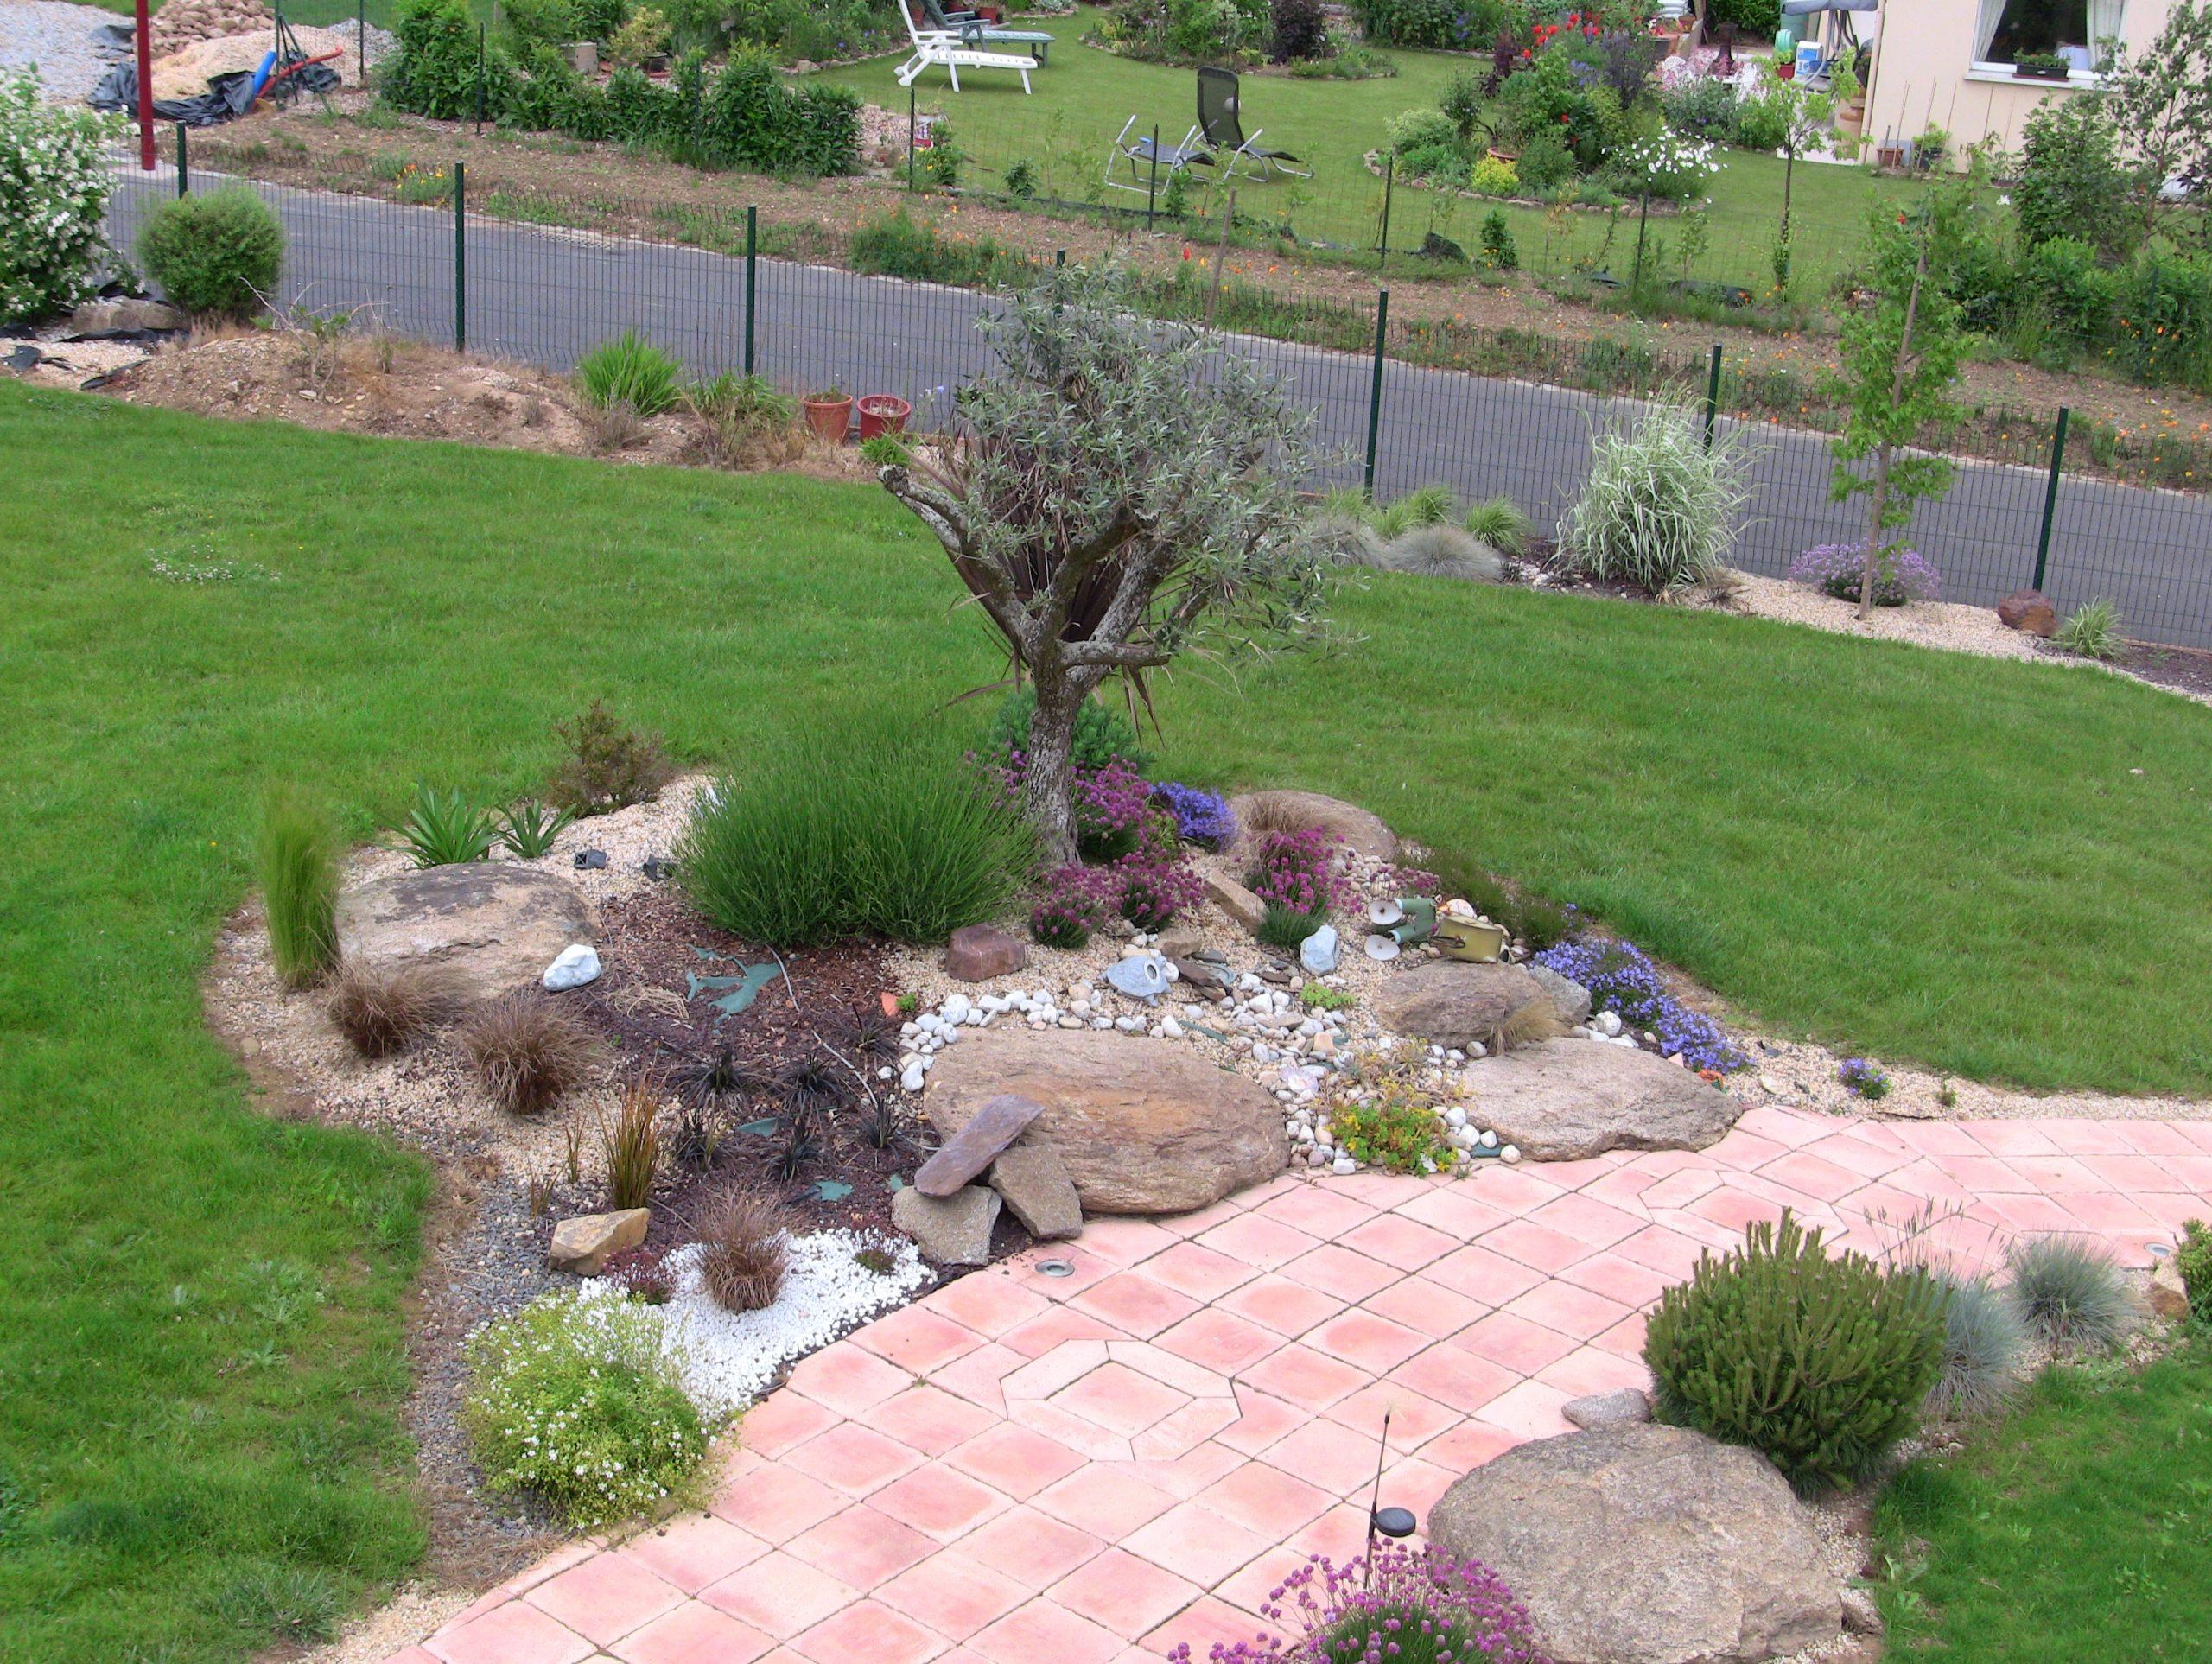 Amnagement Extrieur Jardin. Perfect Incroyable Amenagement ... encequiconcerne Logiciel Creation Jardin